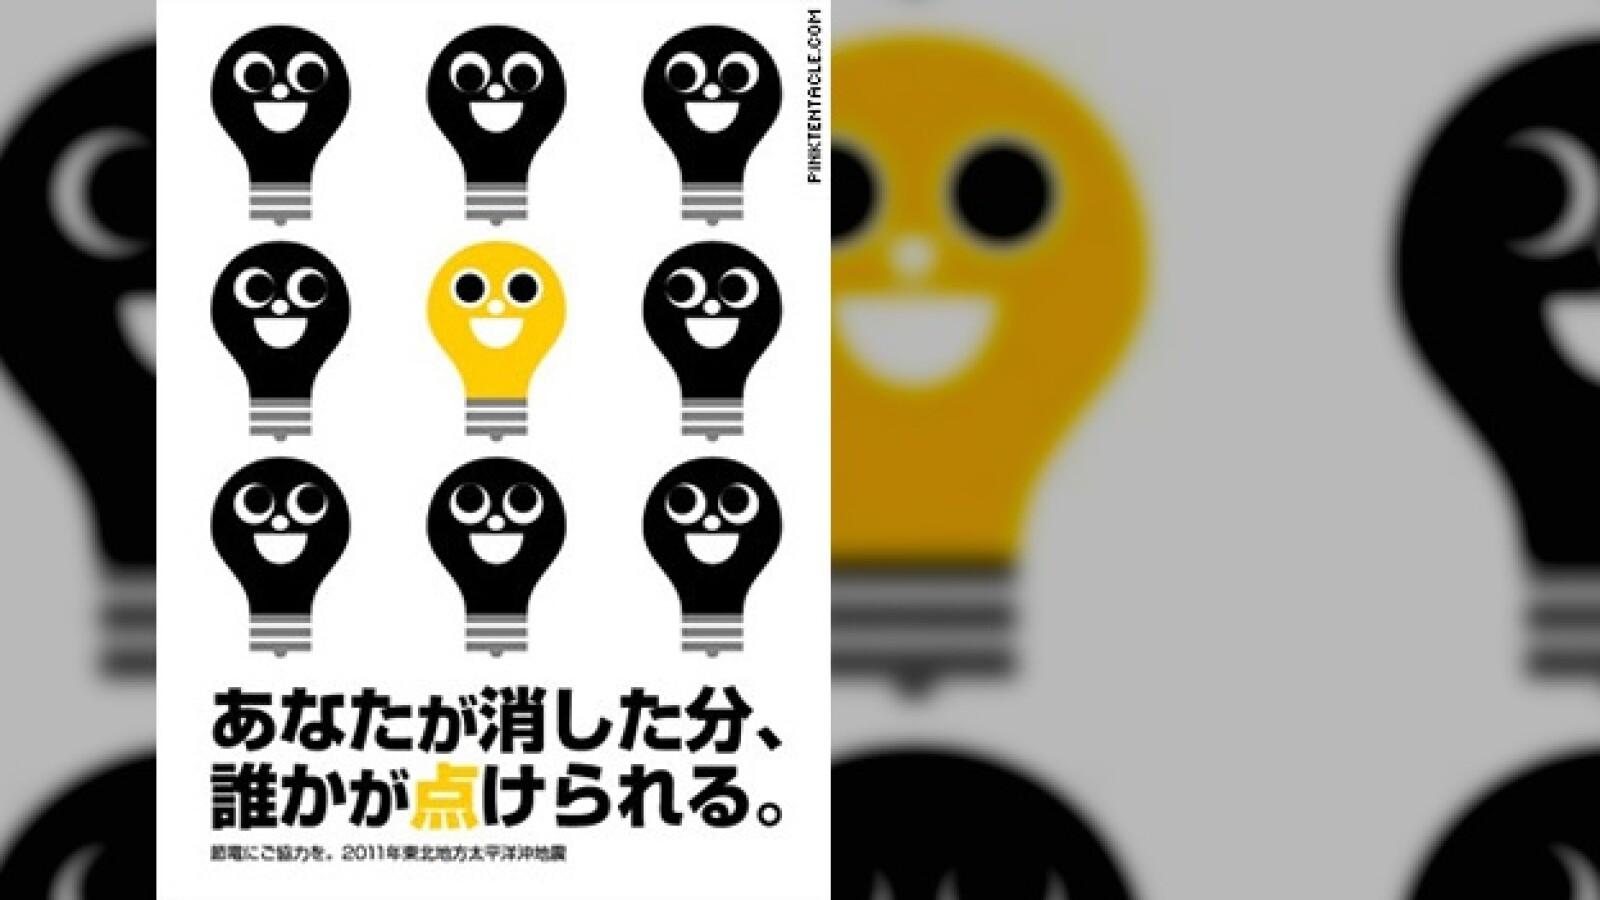 japón ahorro energético poster 06